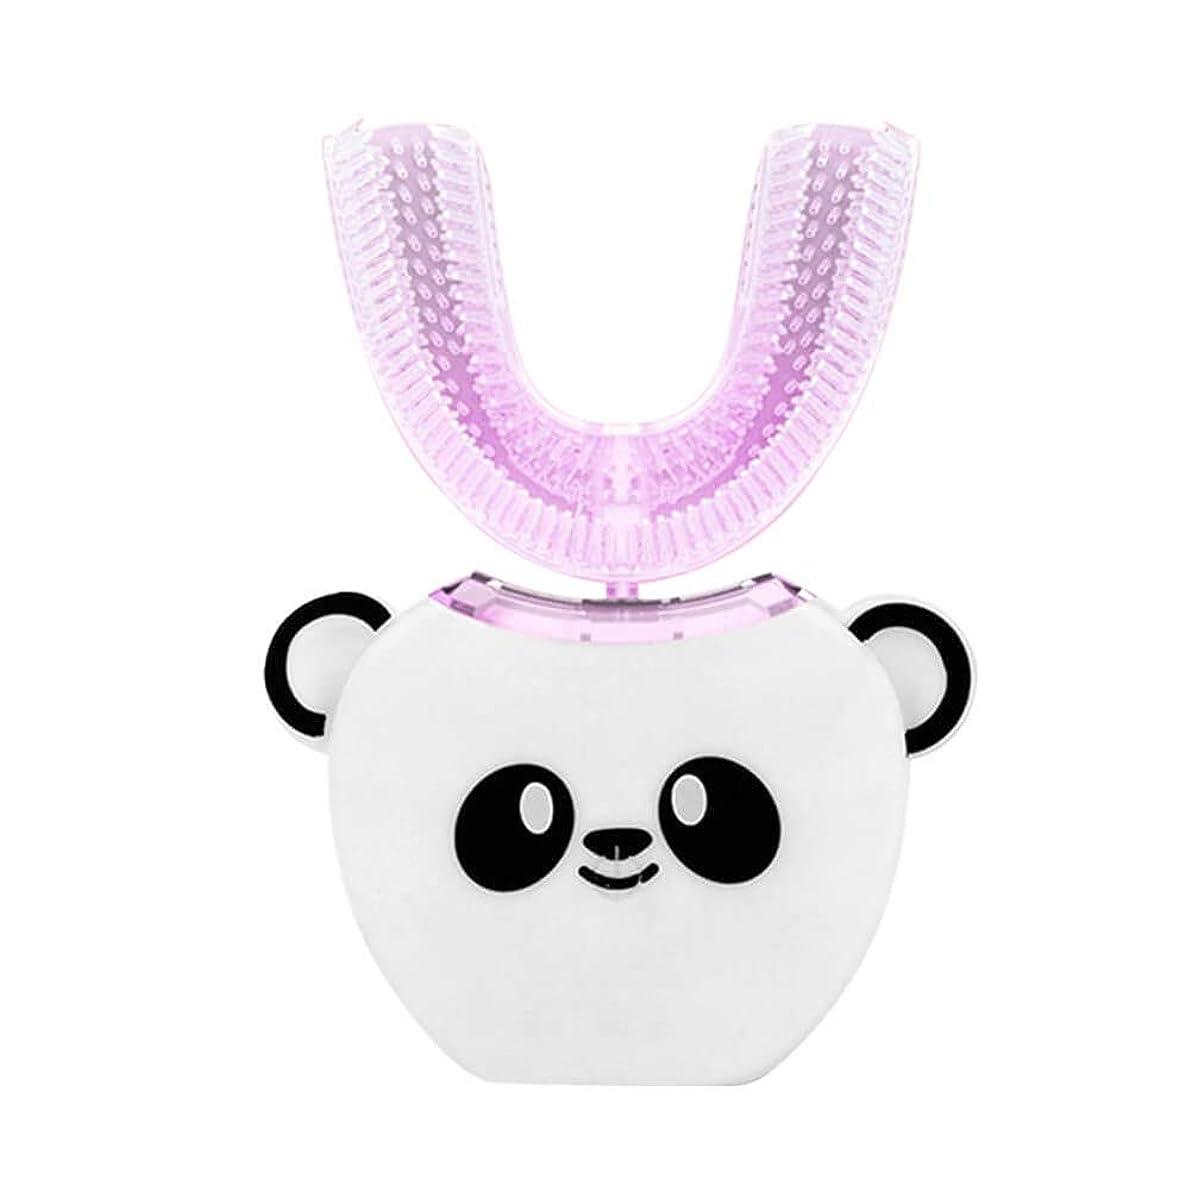 思いつく柔らかい足リサイクルする電動歯ブラシ 360°超音波ホワイトニング IPX7防水自動マウスクリーナー子供のための 白